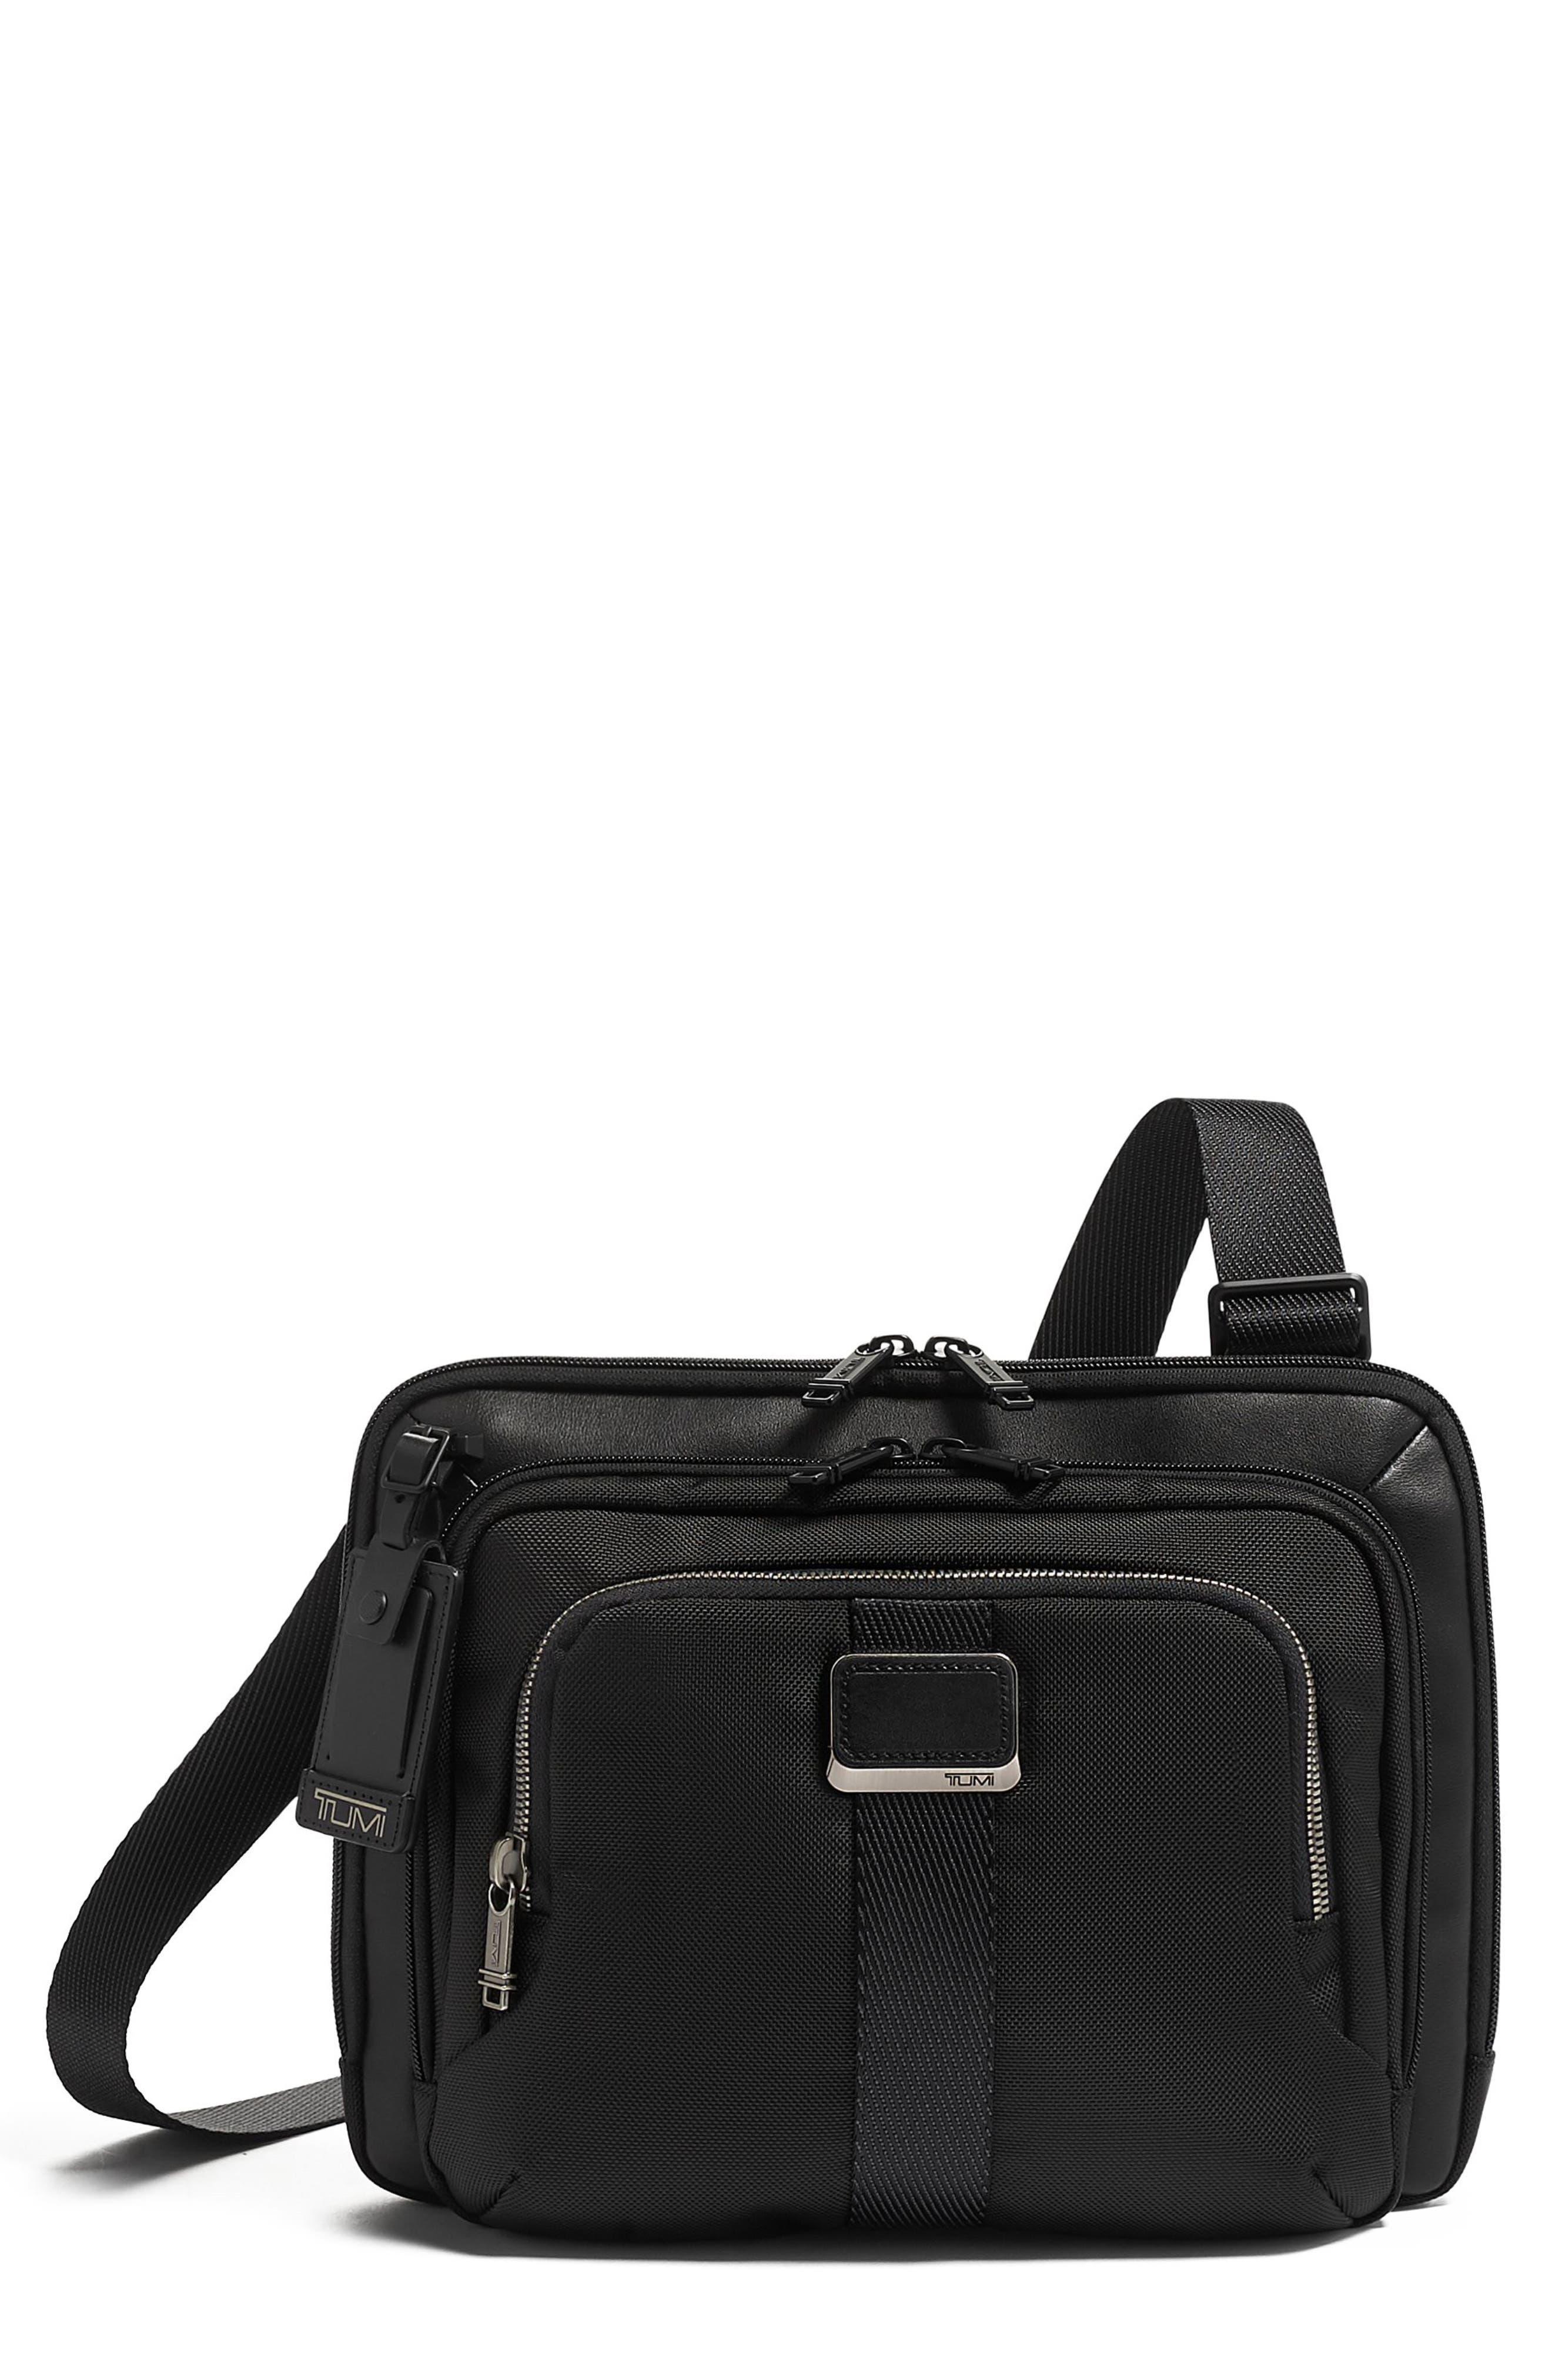 Tumi Jackson Crossbody Bag - Black